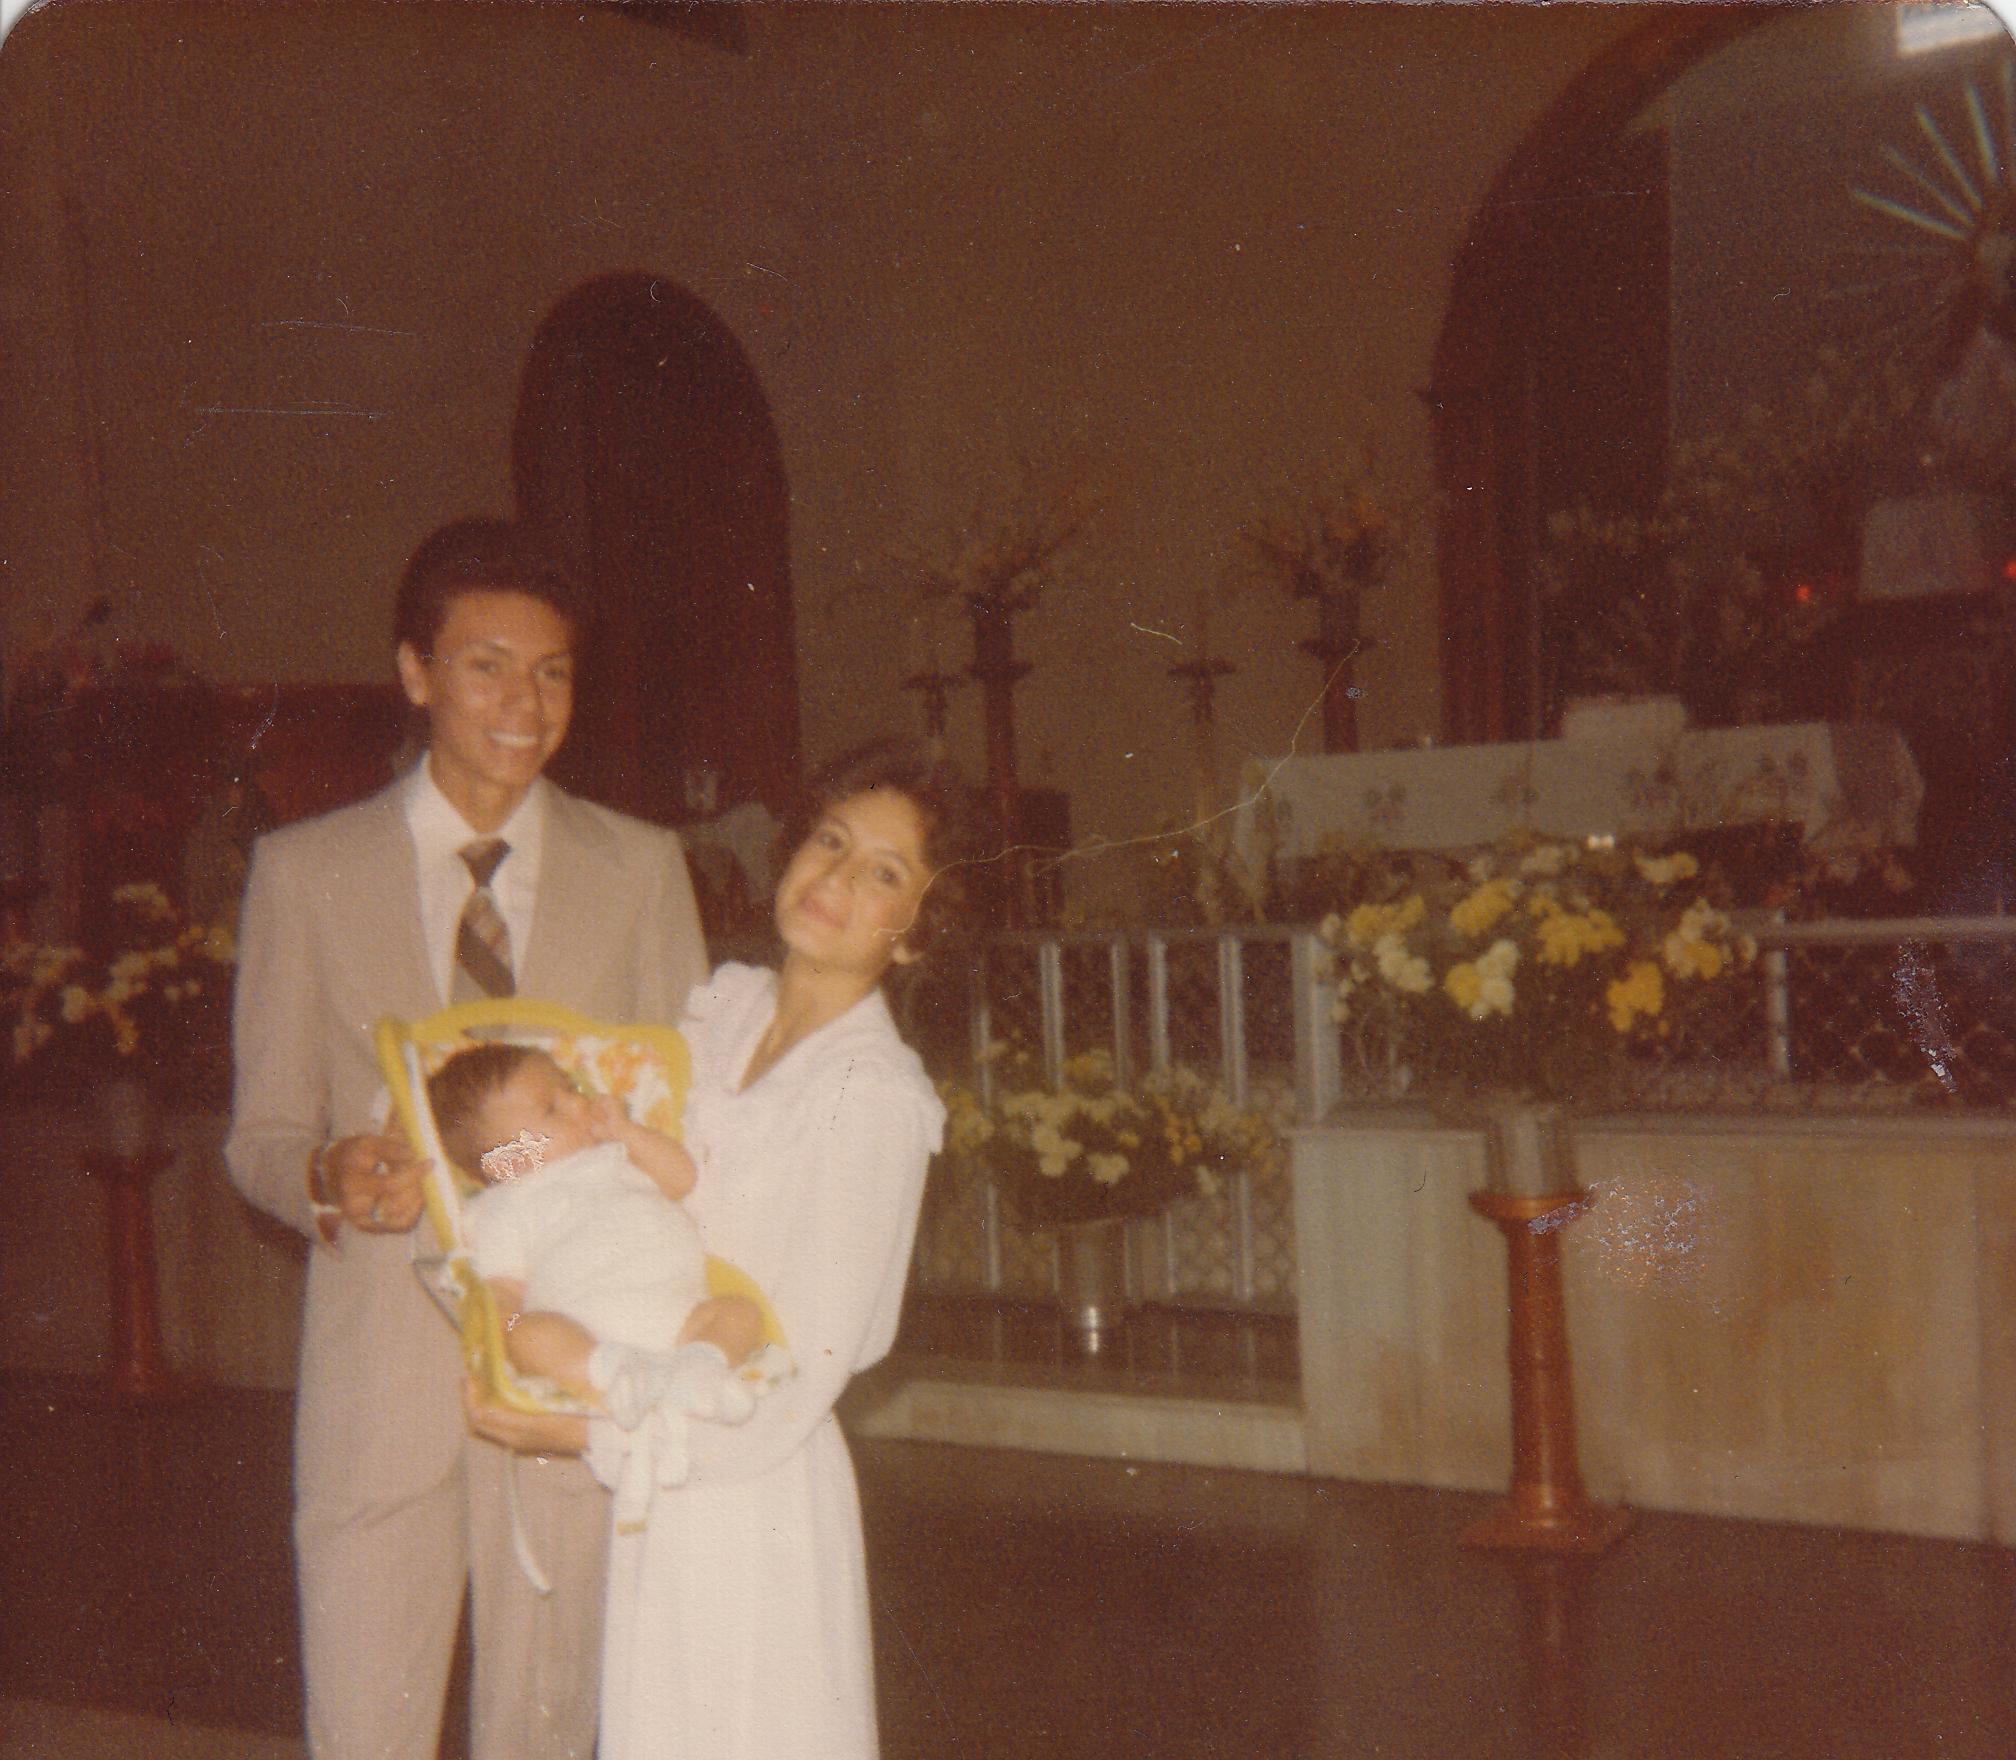 Maynor Godoy, (hermano de Rosario), Augusto Rafael y yo en el bautizo de Augusto. Guatemala. Maynor Godoy, (Rosario's brother), Augusto Rafael and me during the christening of Augusto. Guatemala.